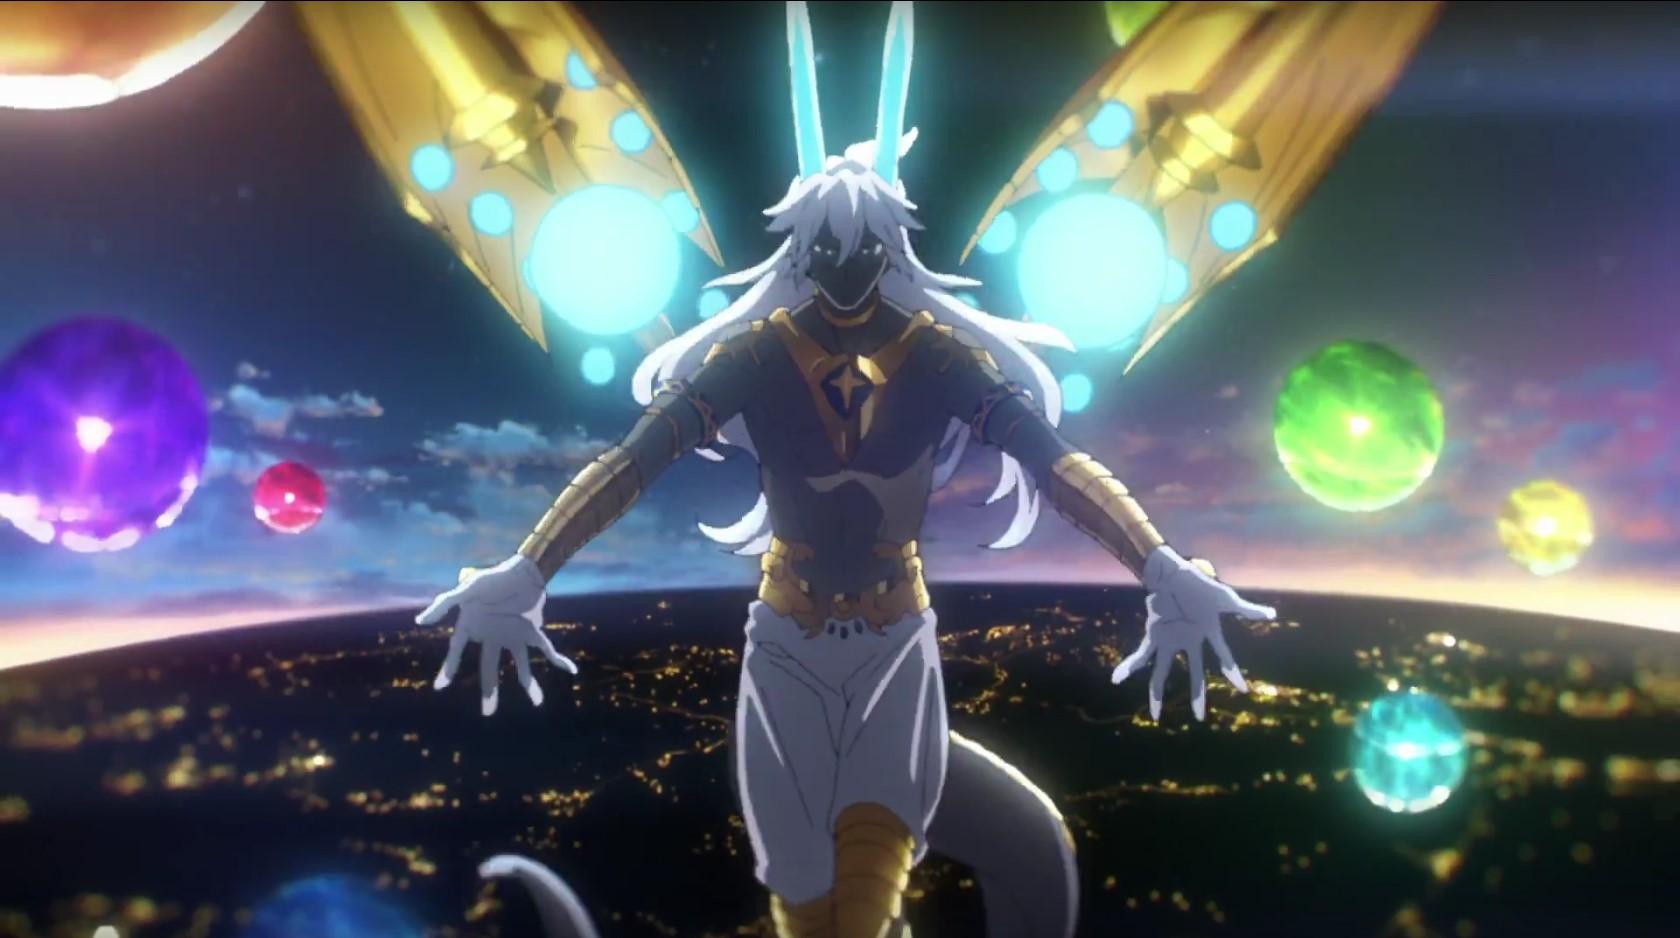 Lostbelt Berserker (Fate/Grand Order) vs Gilgamesh (Fate